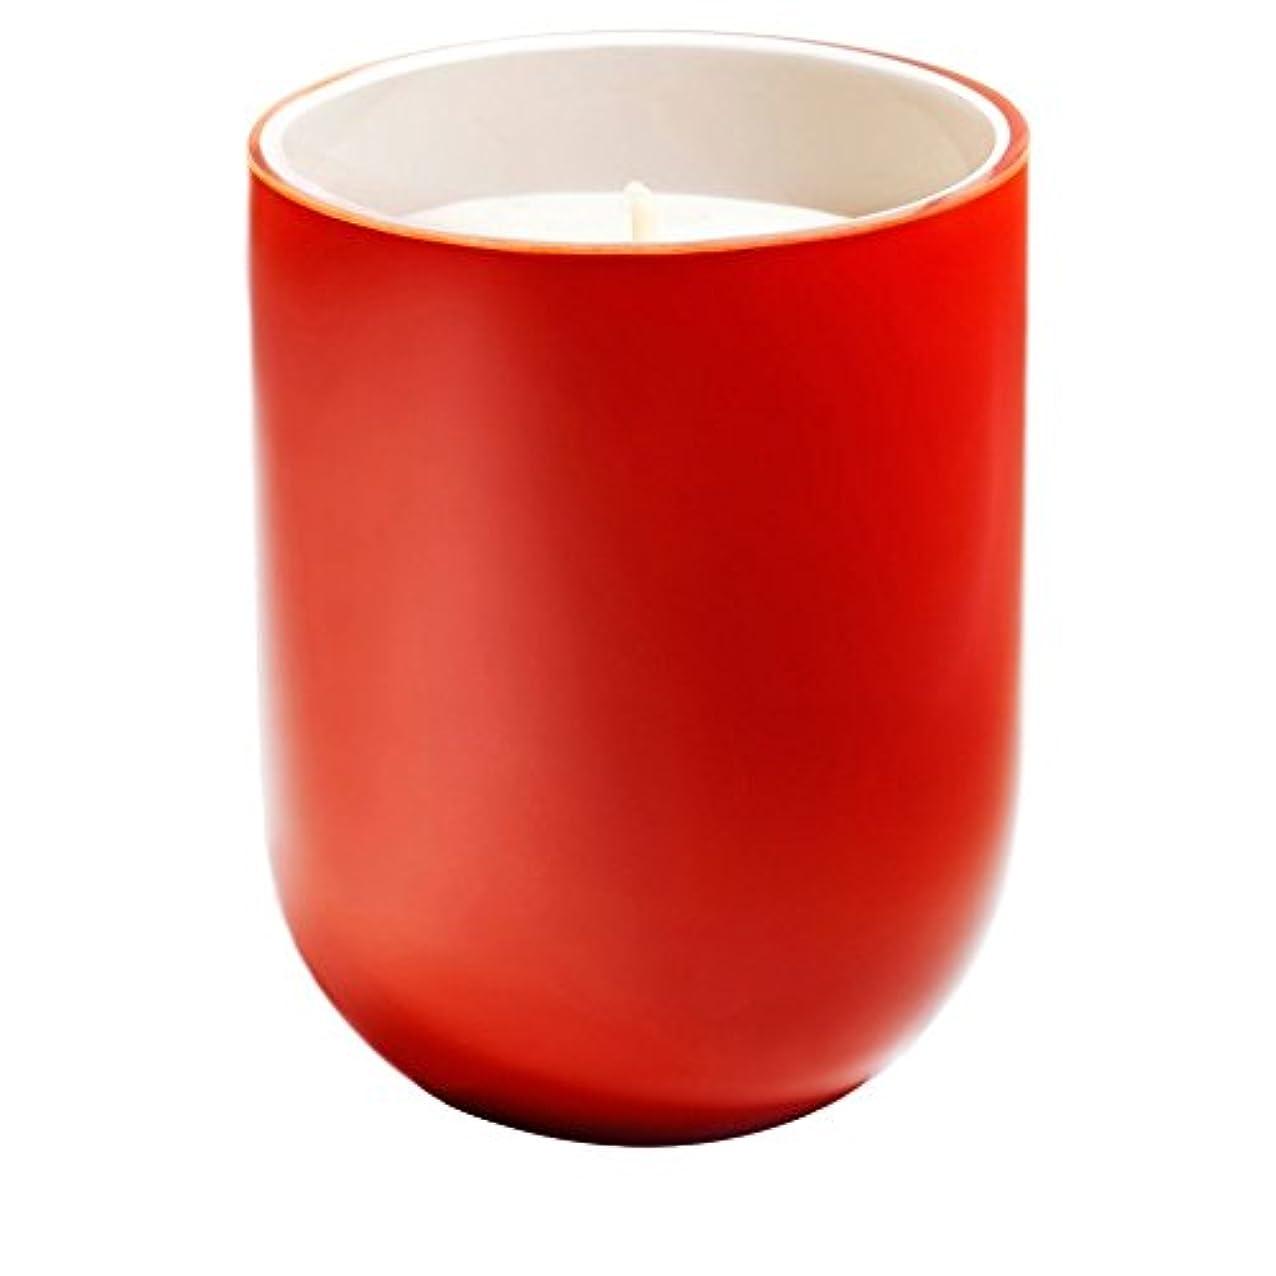 貫通するヒール間欠フレデリック?マルロシアの夜香りのキャンドル x6 - Frederic Malle Russian Night Scented Candle (Pack of 6) [並行輸入品]